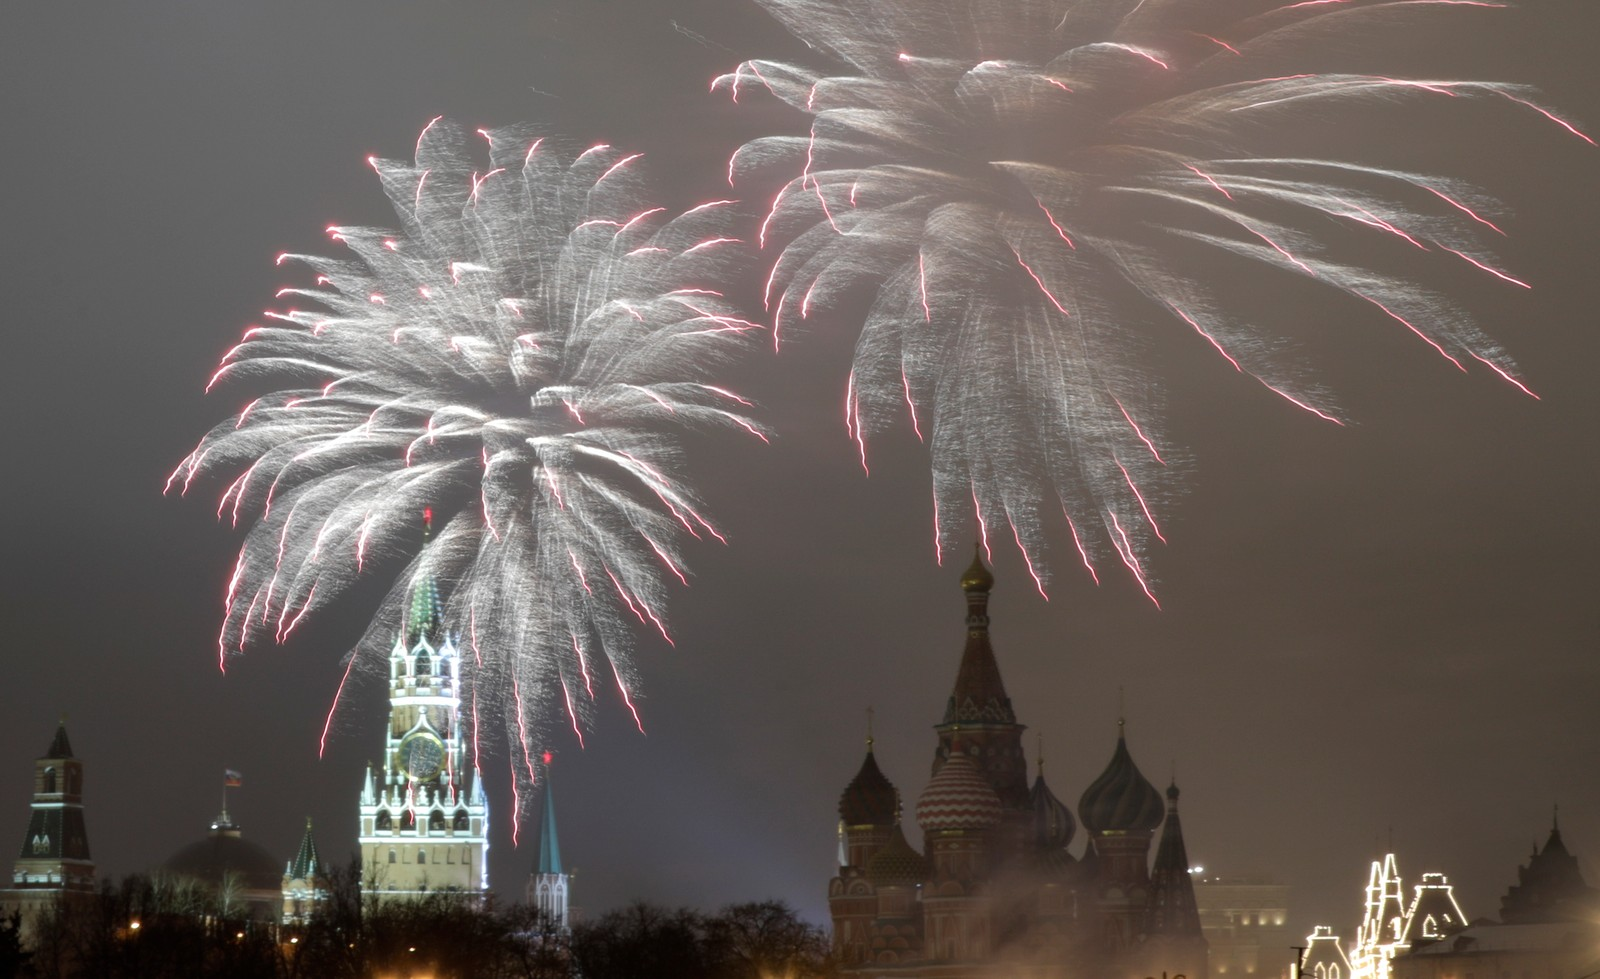 MOSKVA: Fyrverkeri i hvitt lyser opp over Kreml